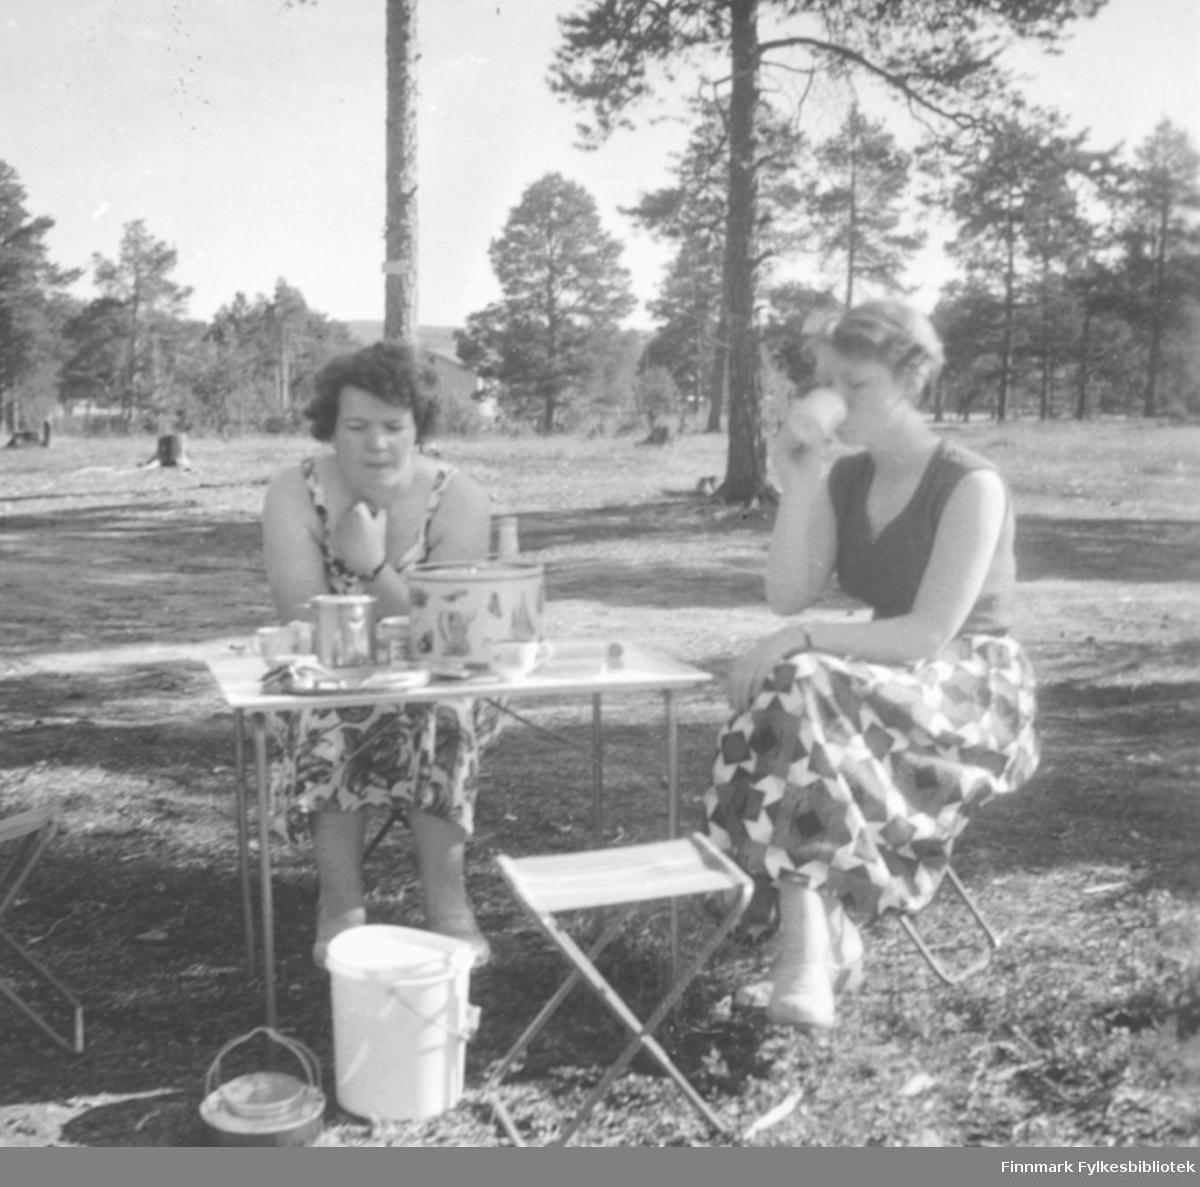 Sommeren 1958  eller 1959 var familien Ebeltoft på bilferie i Finland og Sverige med familien nye bil, en Opel Olympia, 1952-modell. Her kaffe utendørs, Ragnhild Ebeltoft til venstre og May Rognli til høyre